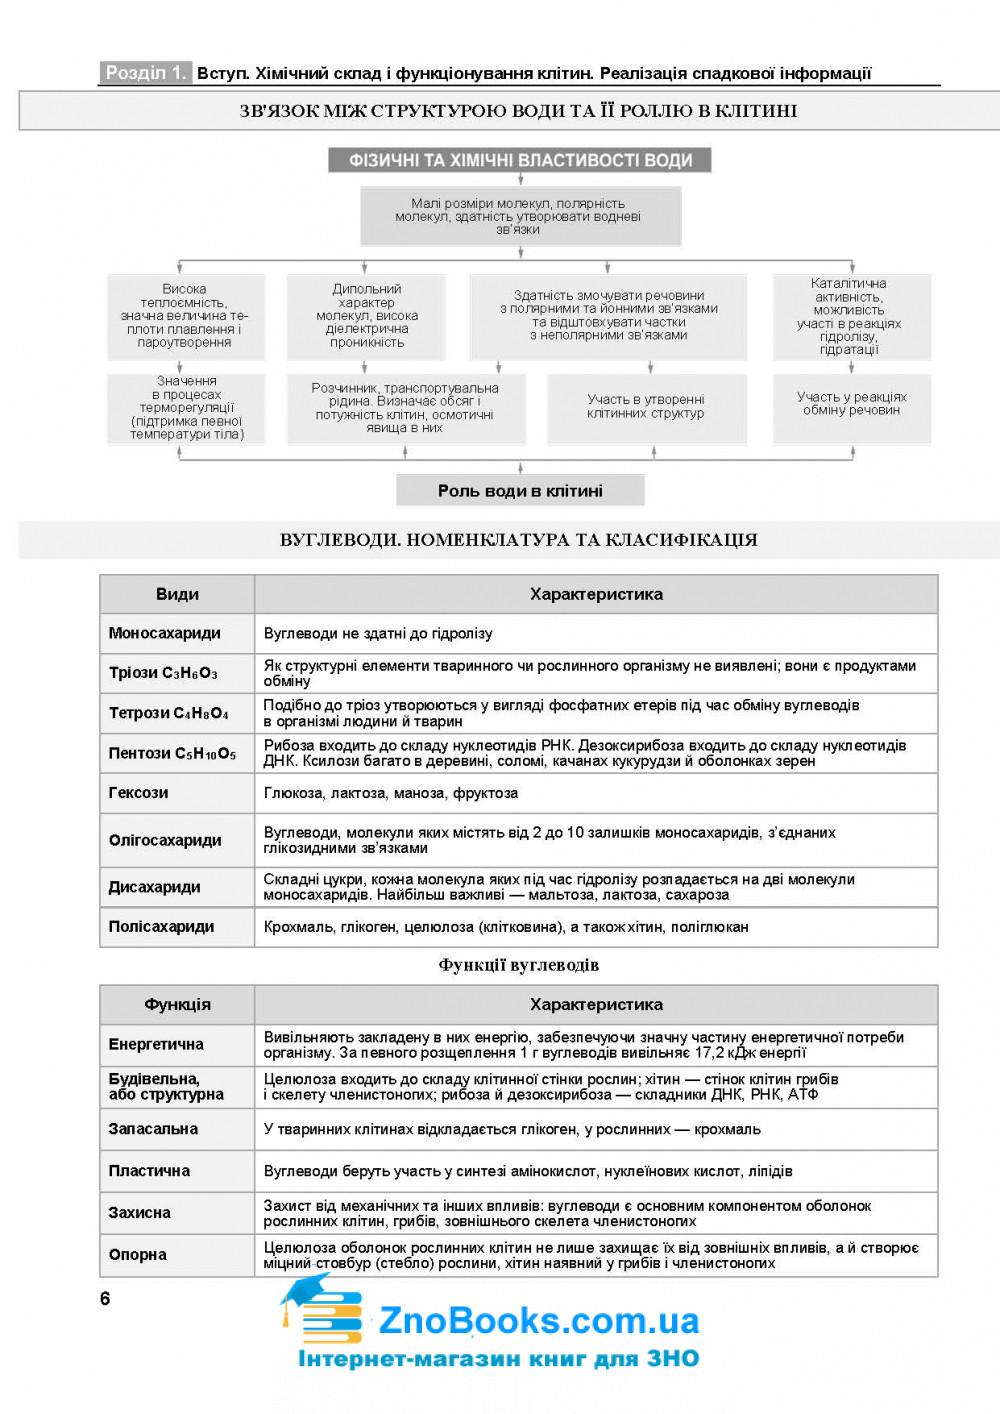 Біологія в таблицях і схемах до ЗНО 2021 : Барна І. Підручники і посібники 6